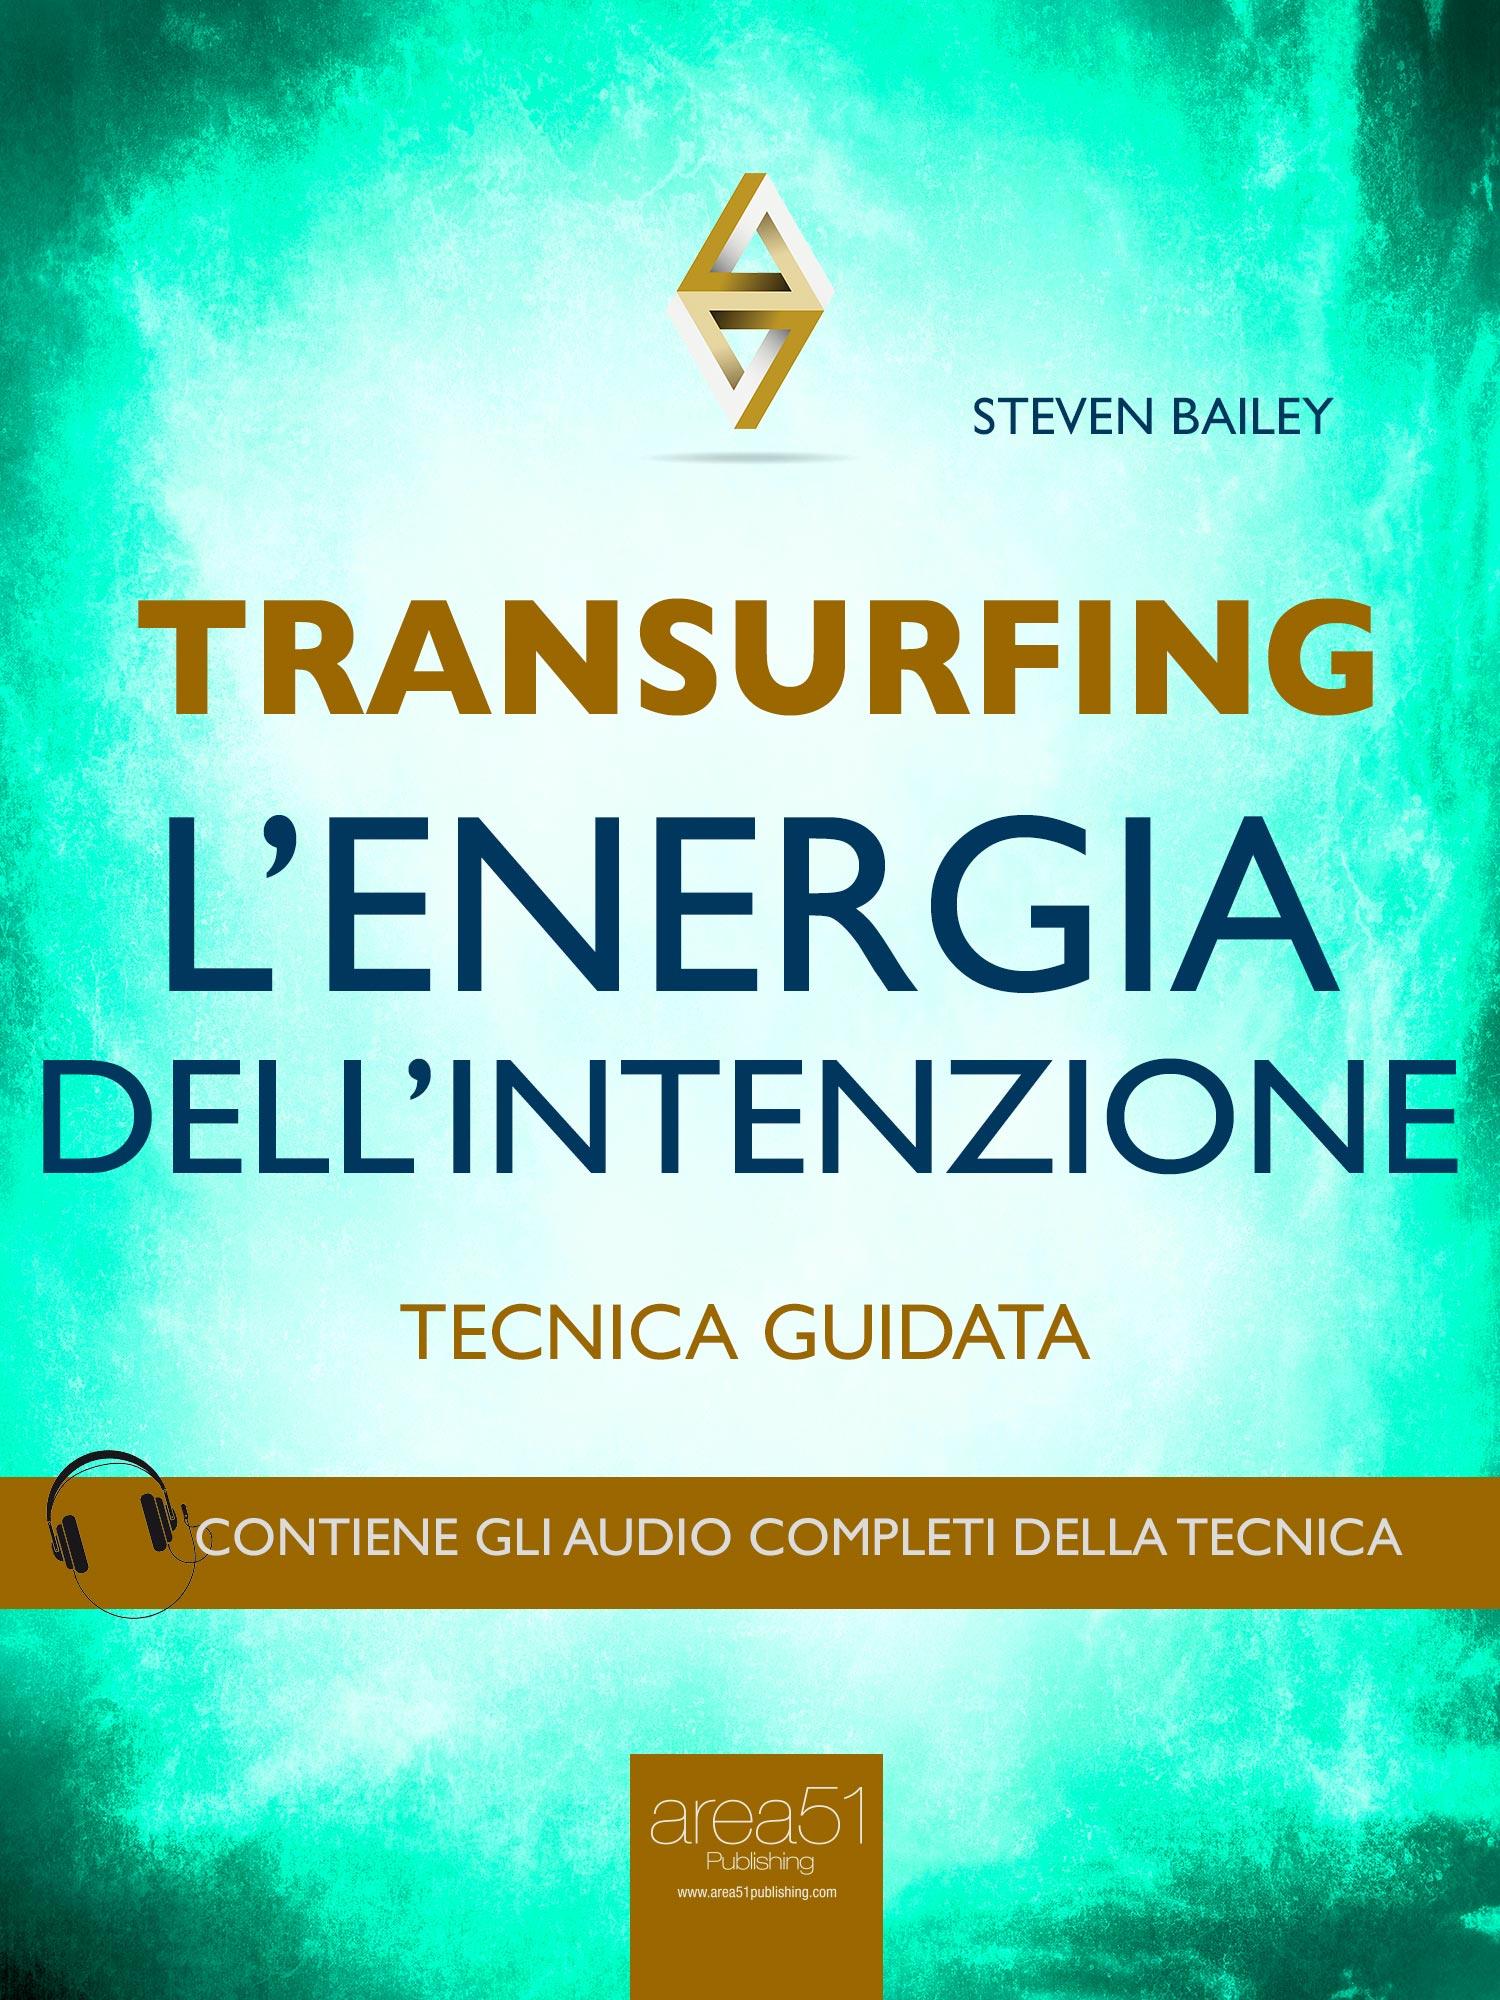 Transurfing, l'energia dell'intenzione.-0